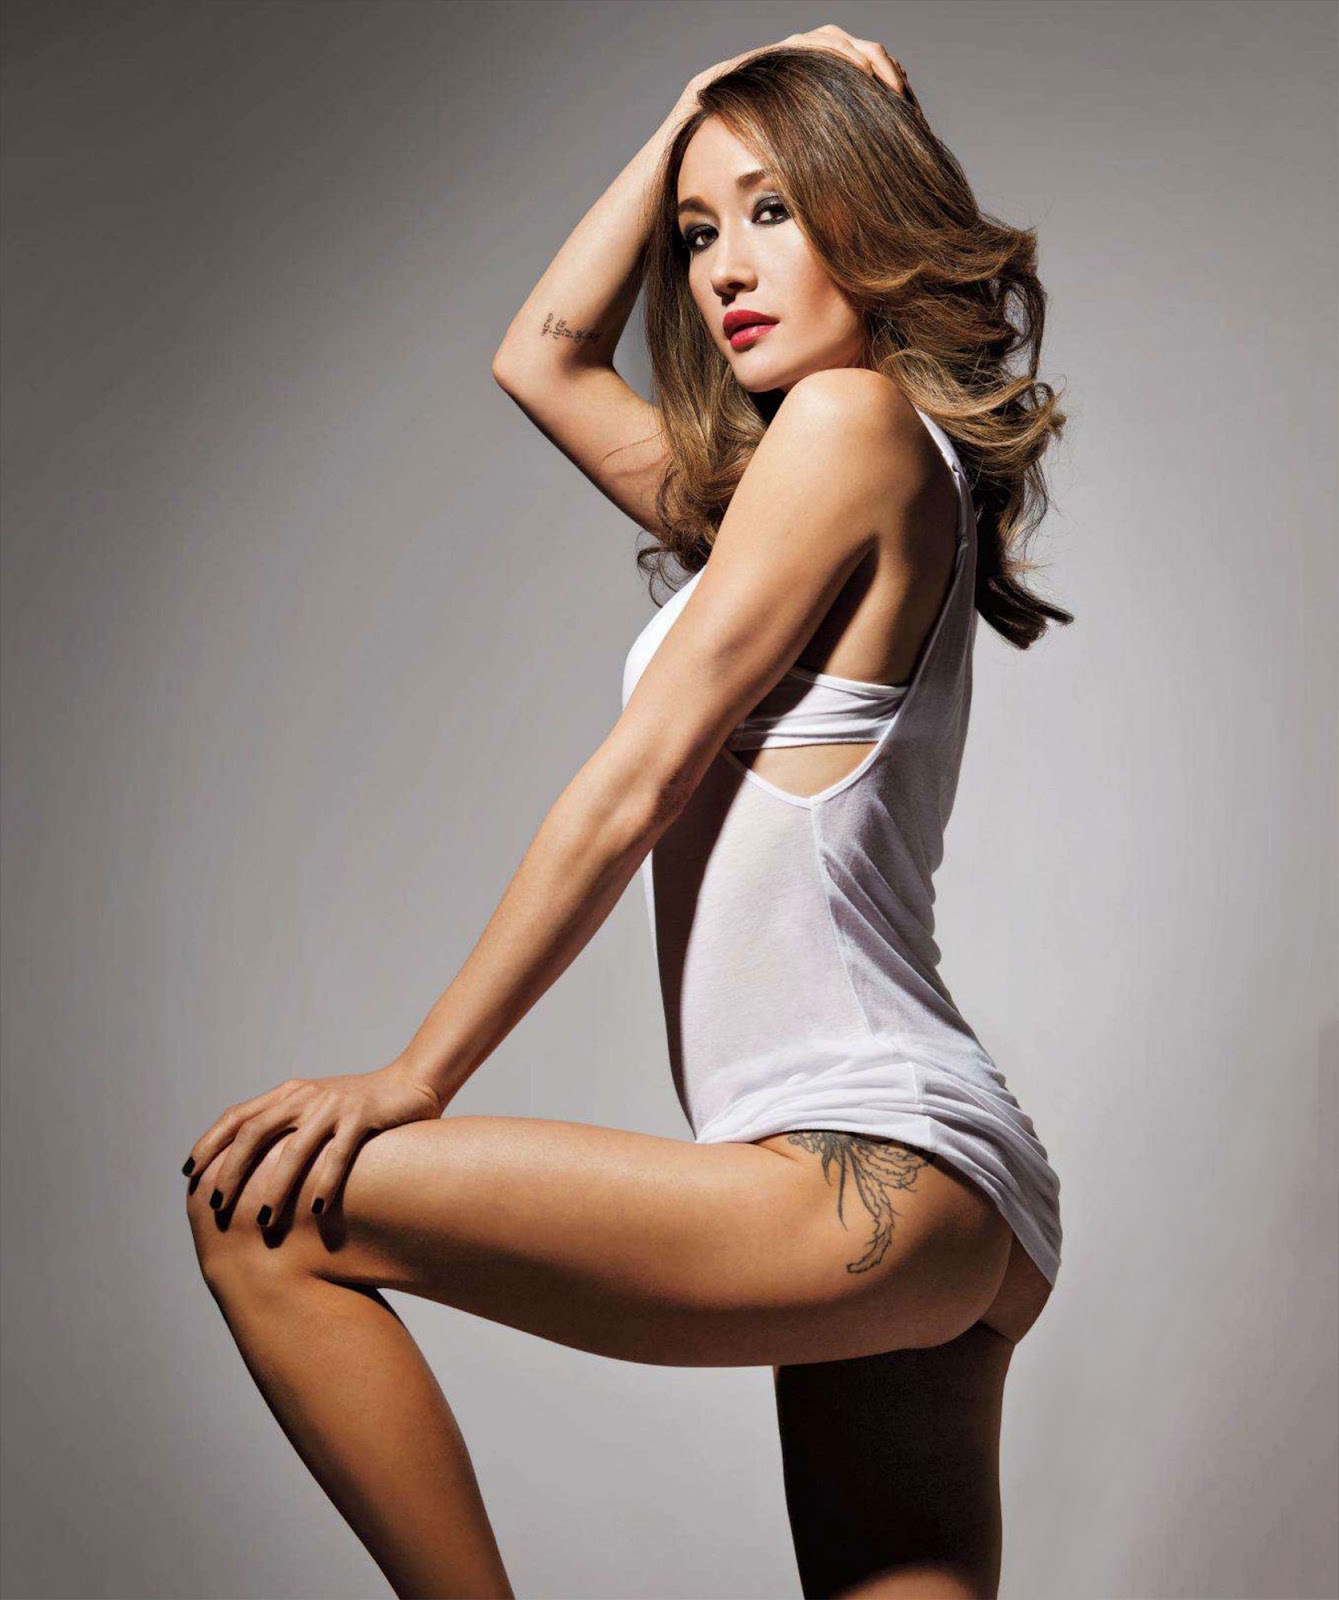 http://4.bp.blogspot.com/-nexnjRlq9P8/T4haTlJjyuI/AAAAAAAAF88/VhEYbf8OrmY/s1600/Maggie+Q+Baring+Ass+And+Her+Tattoos+In+Inked+Magazine+www.GutterUncensoredPlus.com+009.jpg